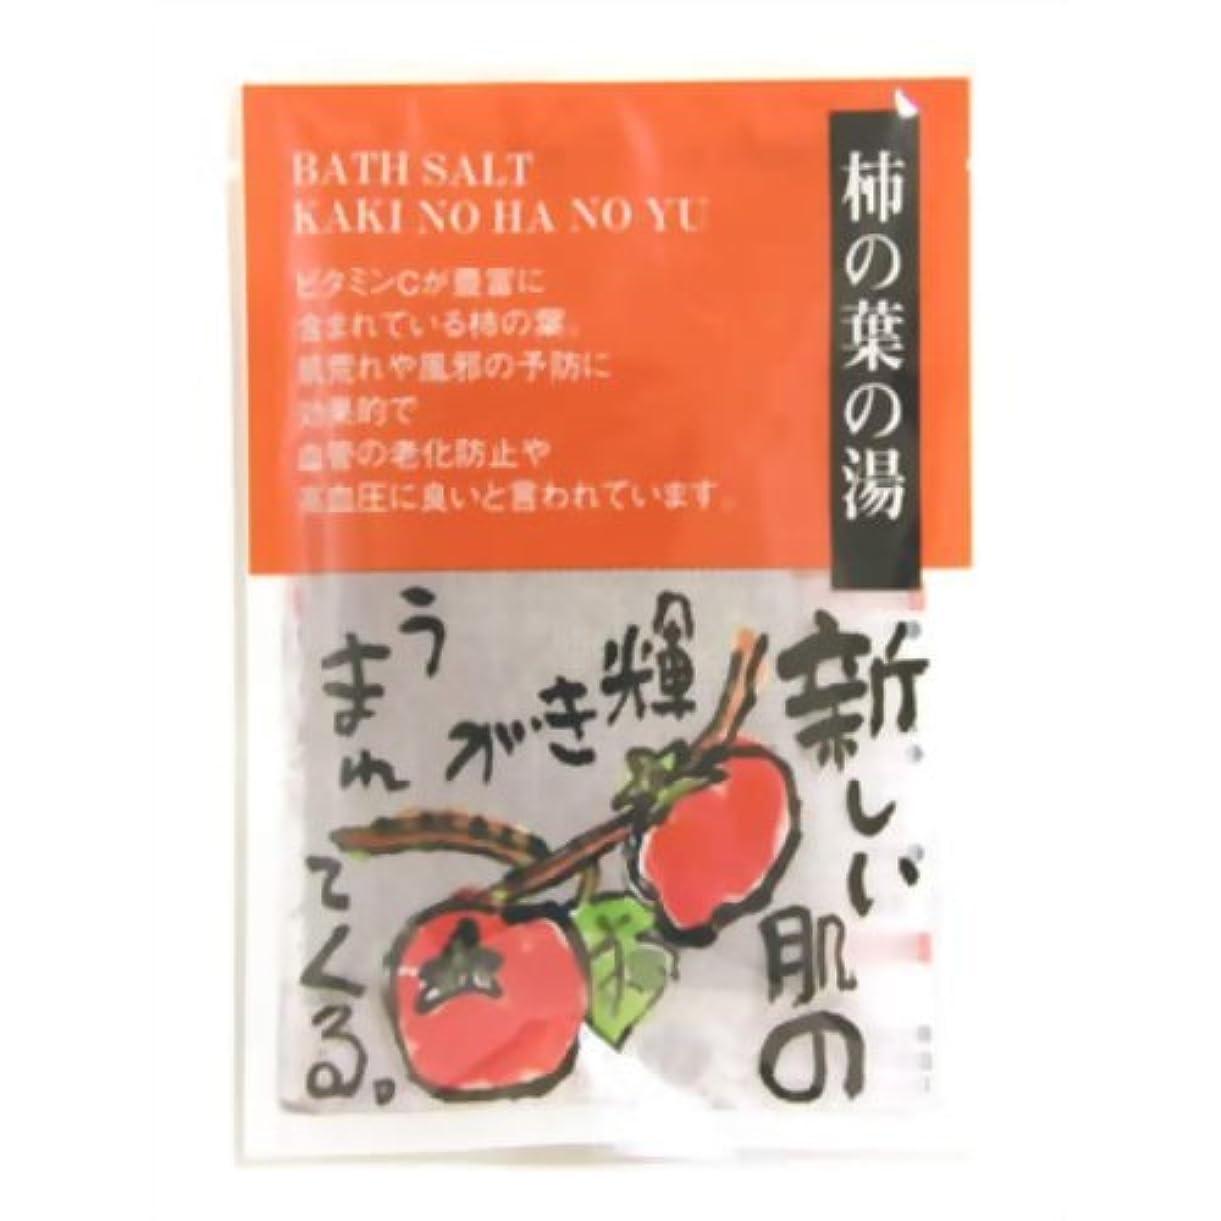 乱れ救出除去和漢の湯 やすらぎ便り 柿の葉の湯(ティーバッグタイプ)(入浴剤 ハーブ)